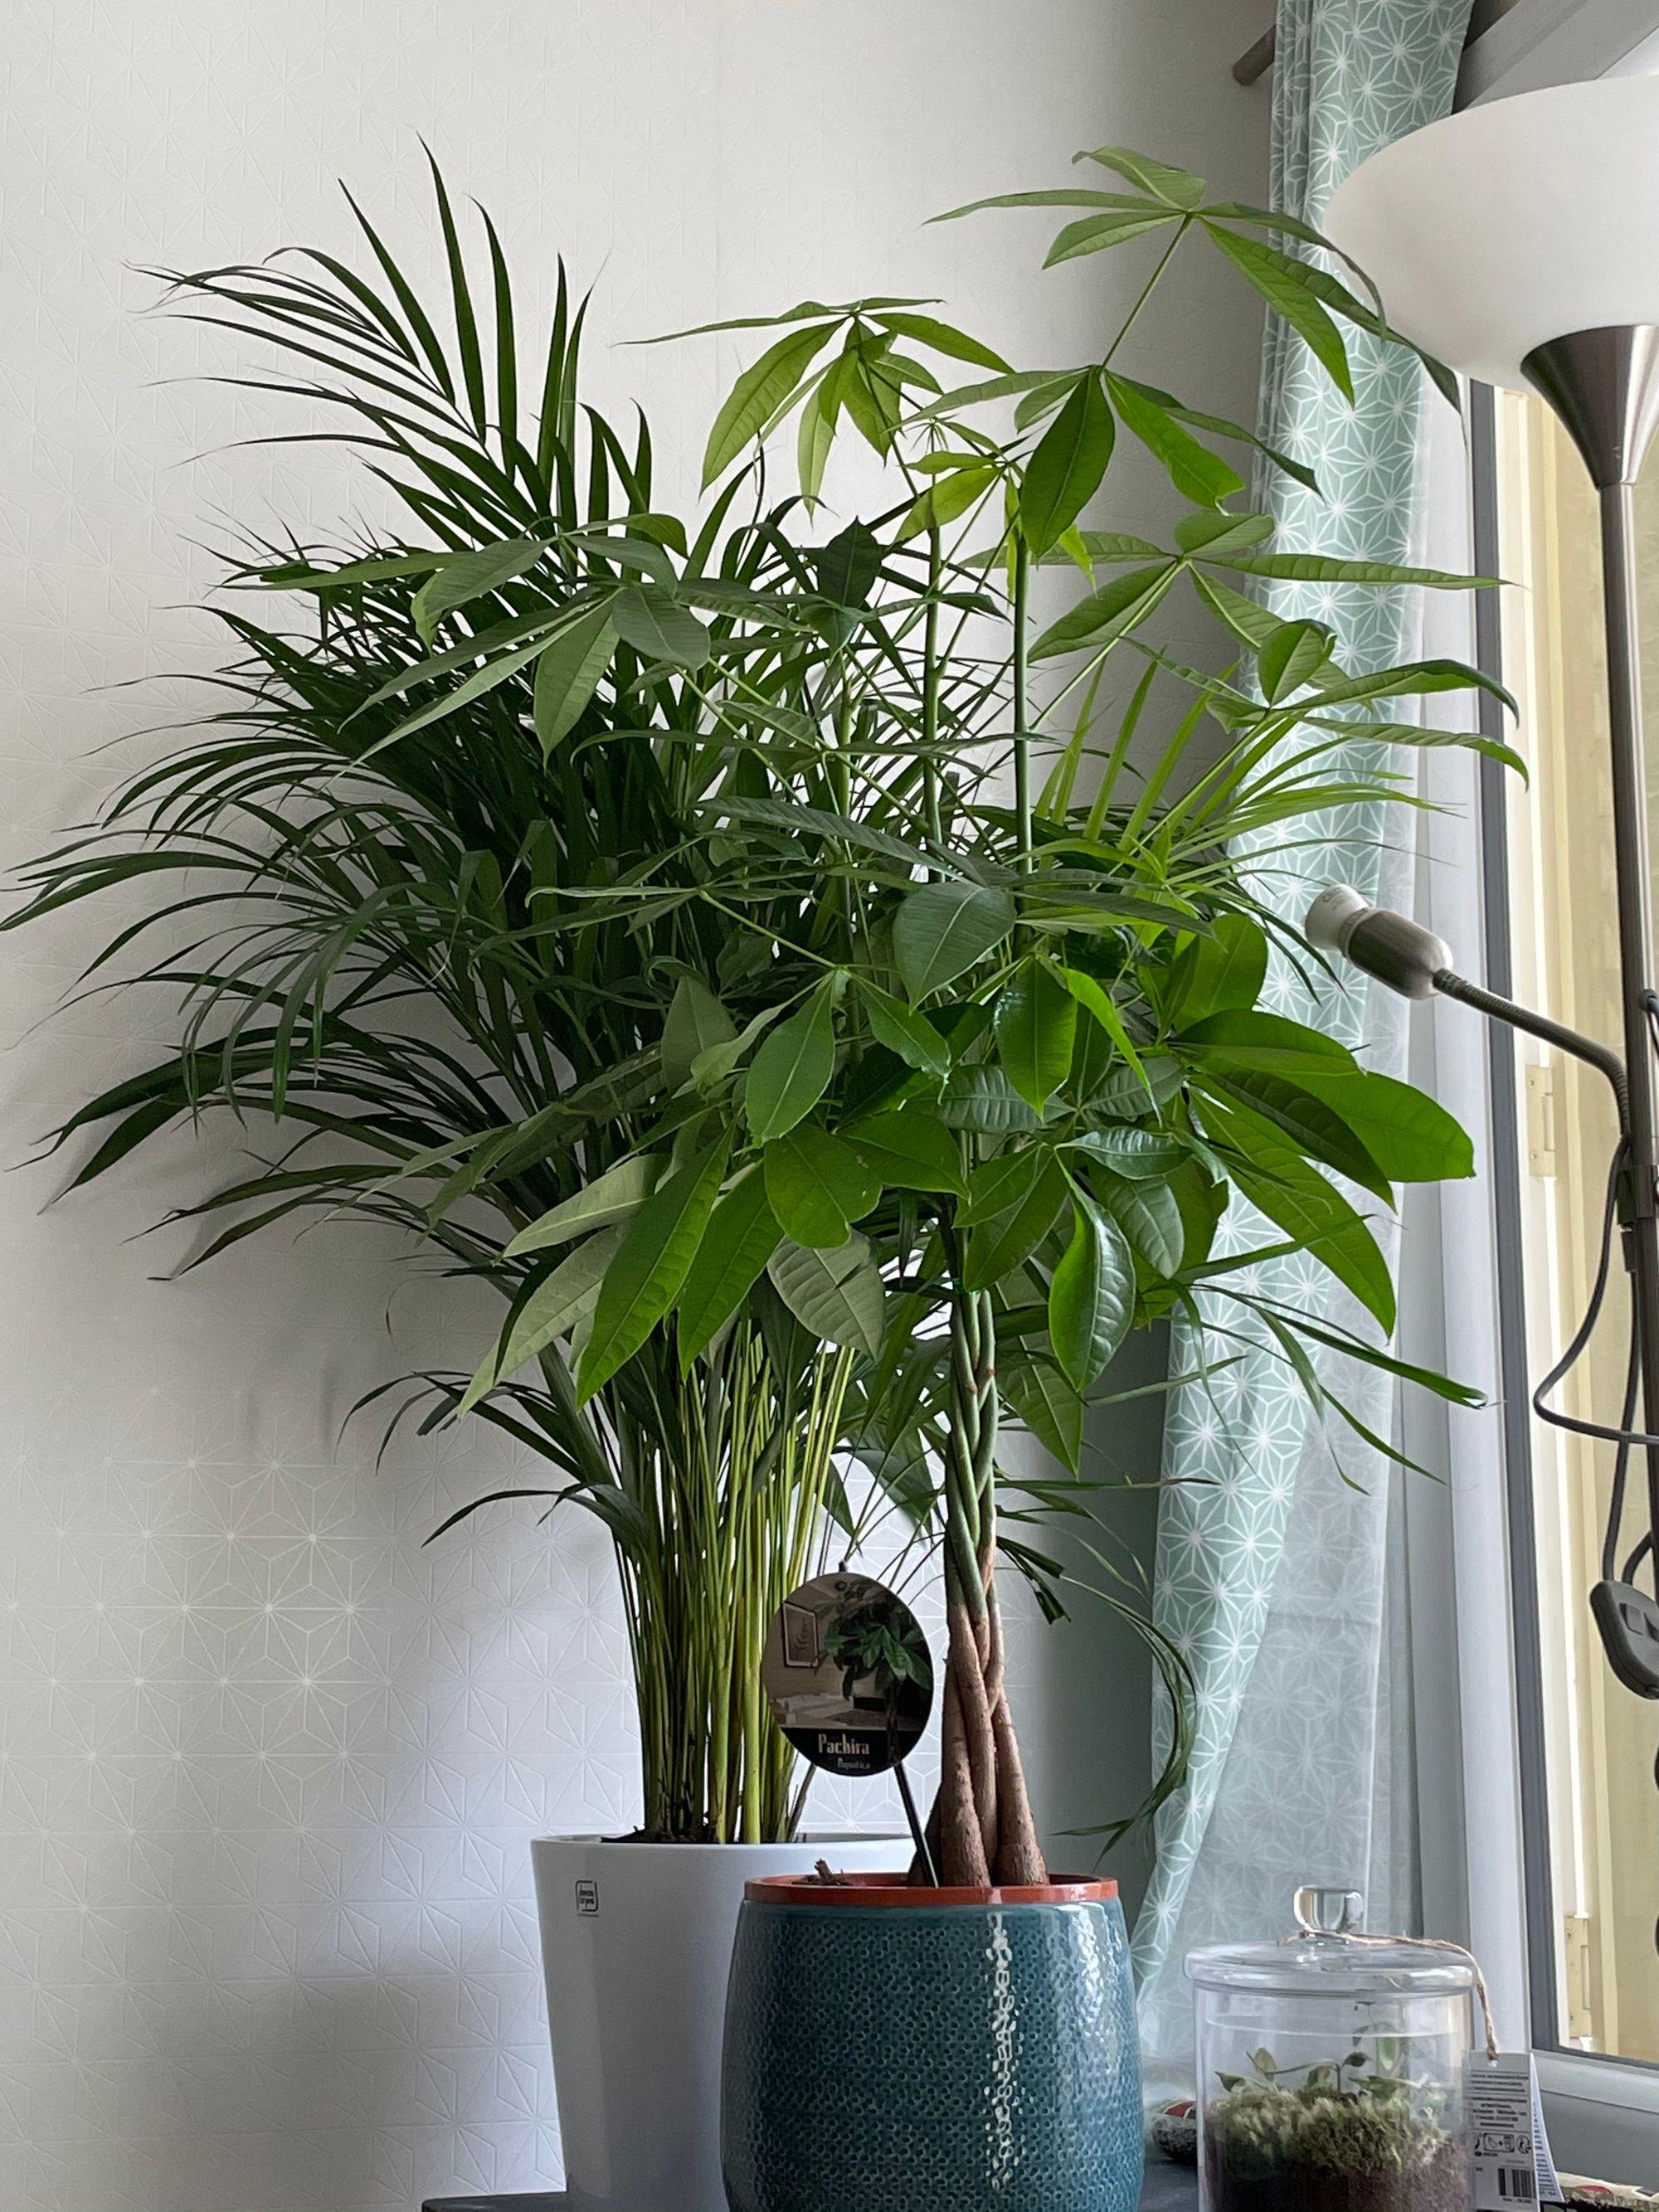 Les plantes en question qui ont besoin d'être arrosées